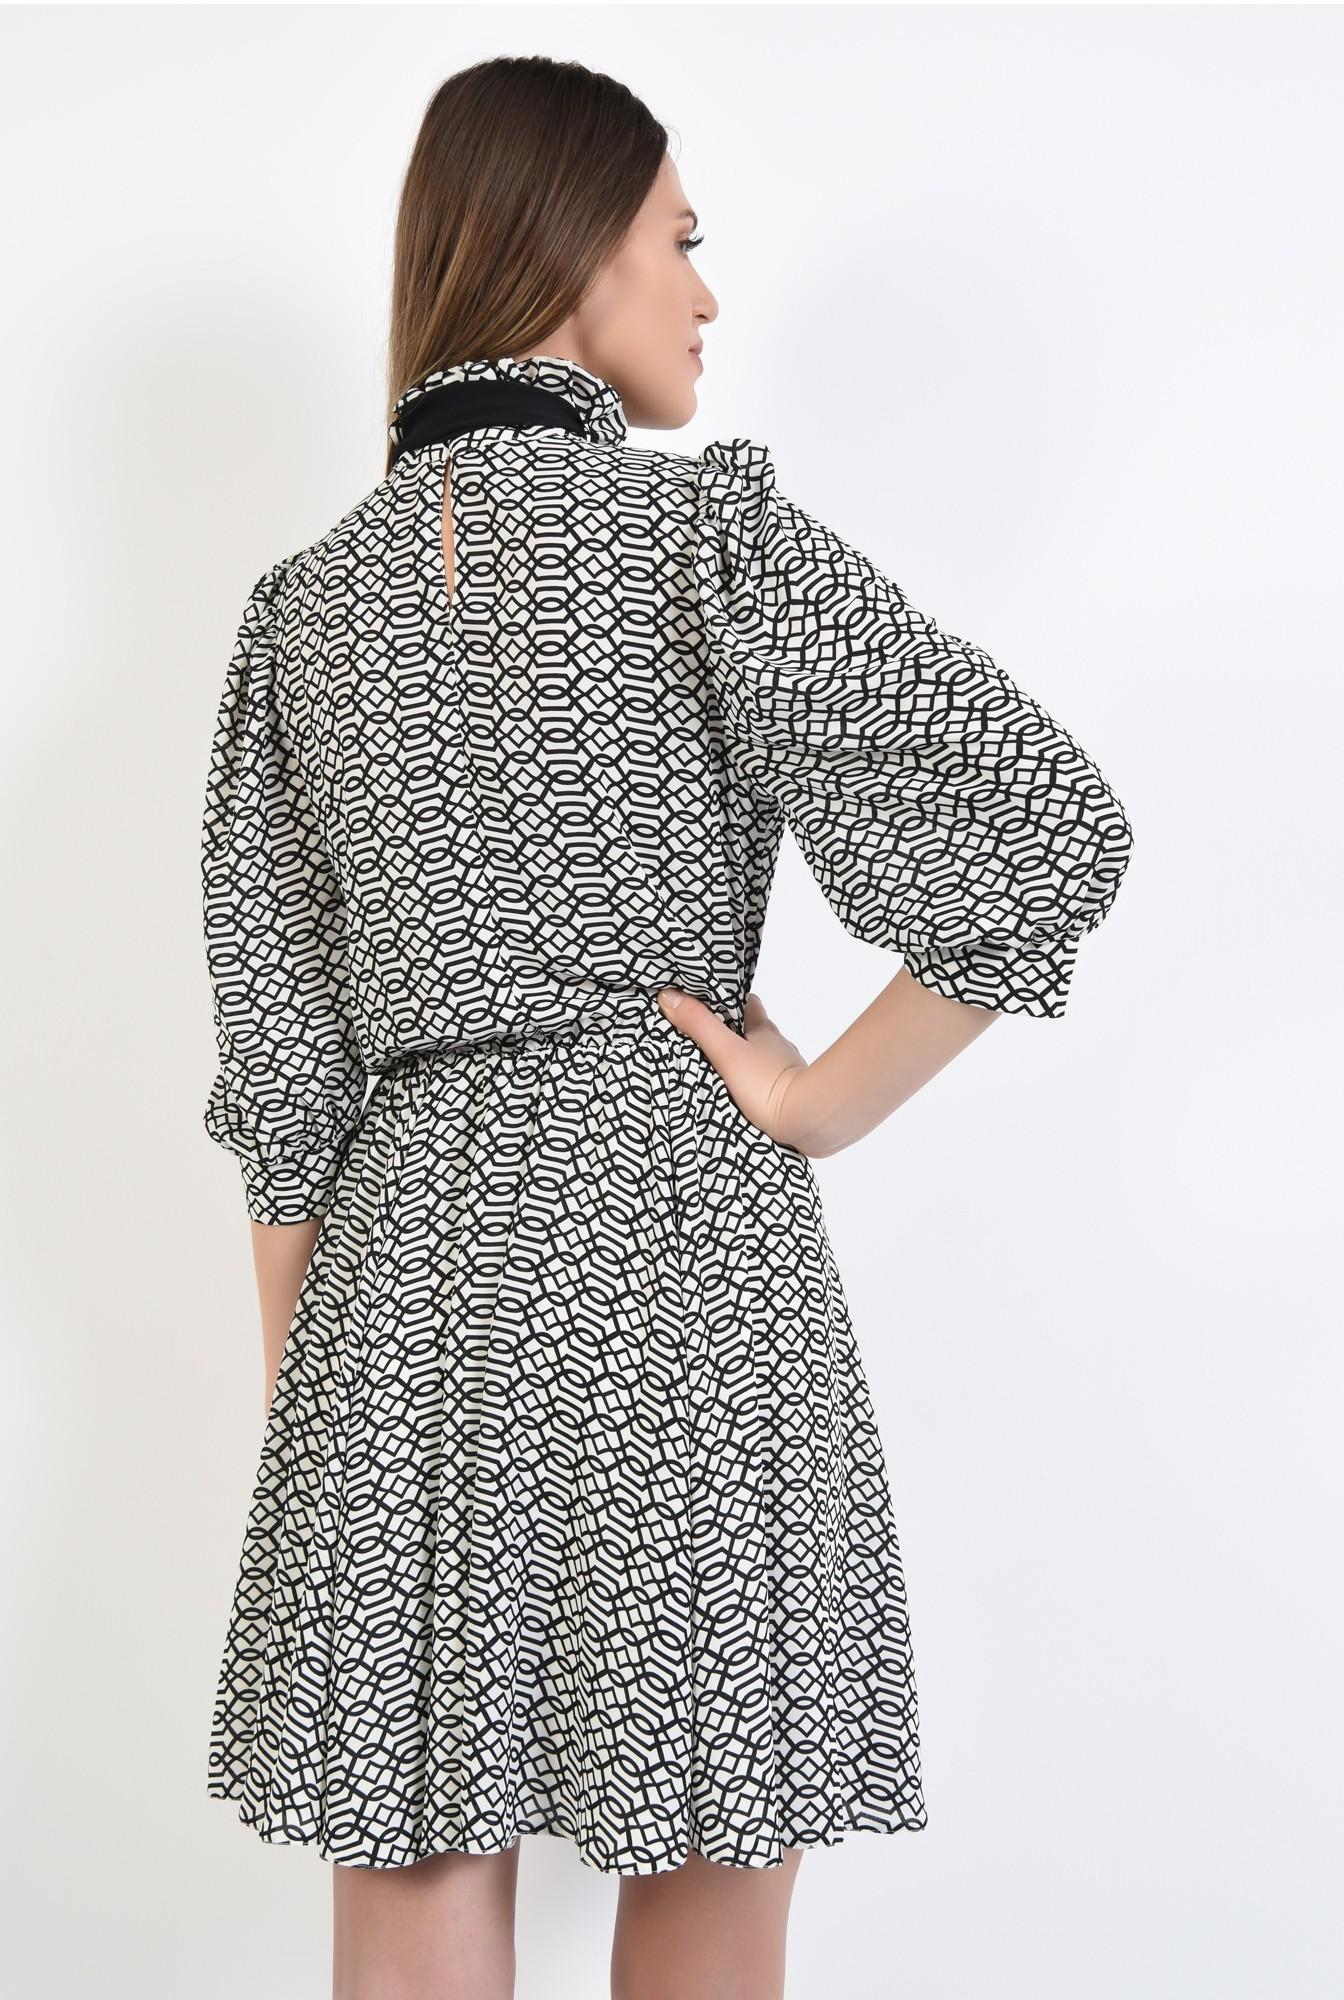 1 - 360 - rochie mini, clos, maneci bufante cu manseta, guler incretit